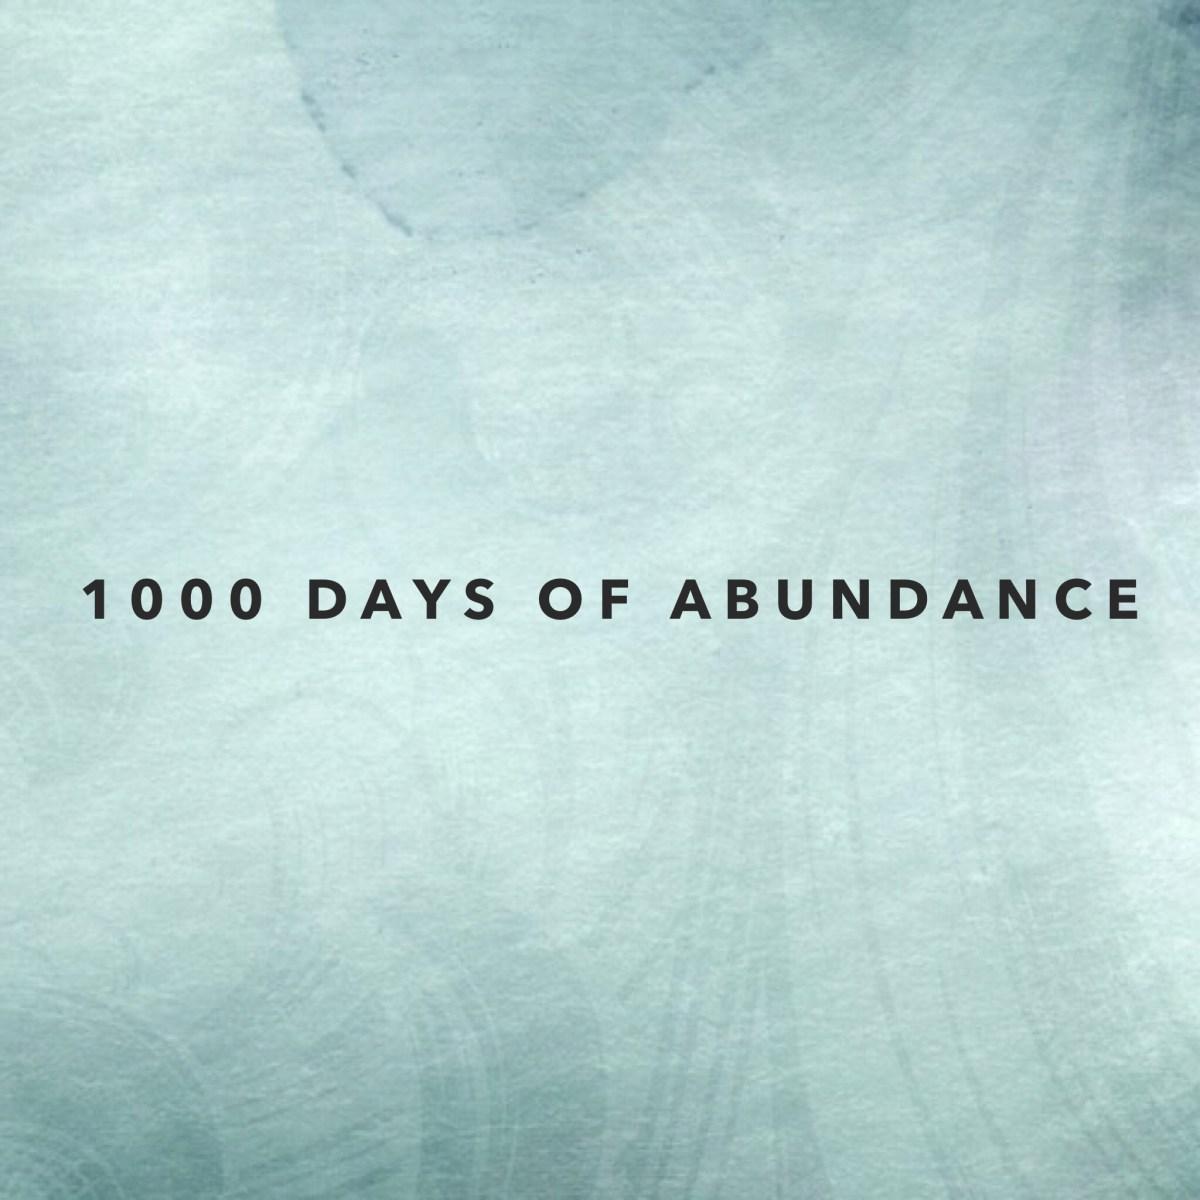 1000 days of Abundance